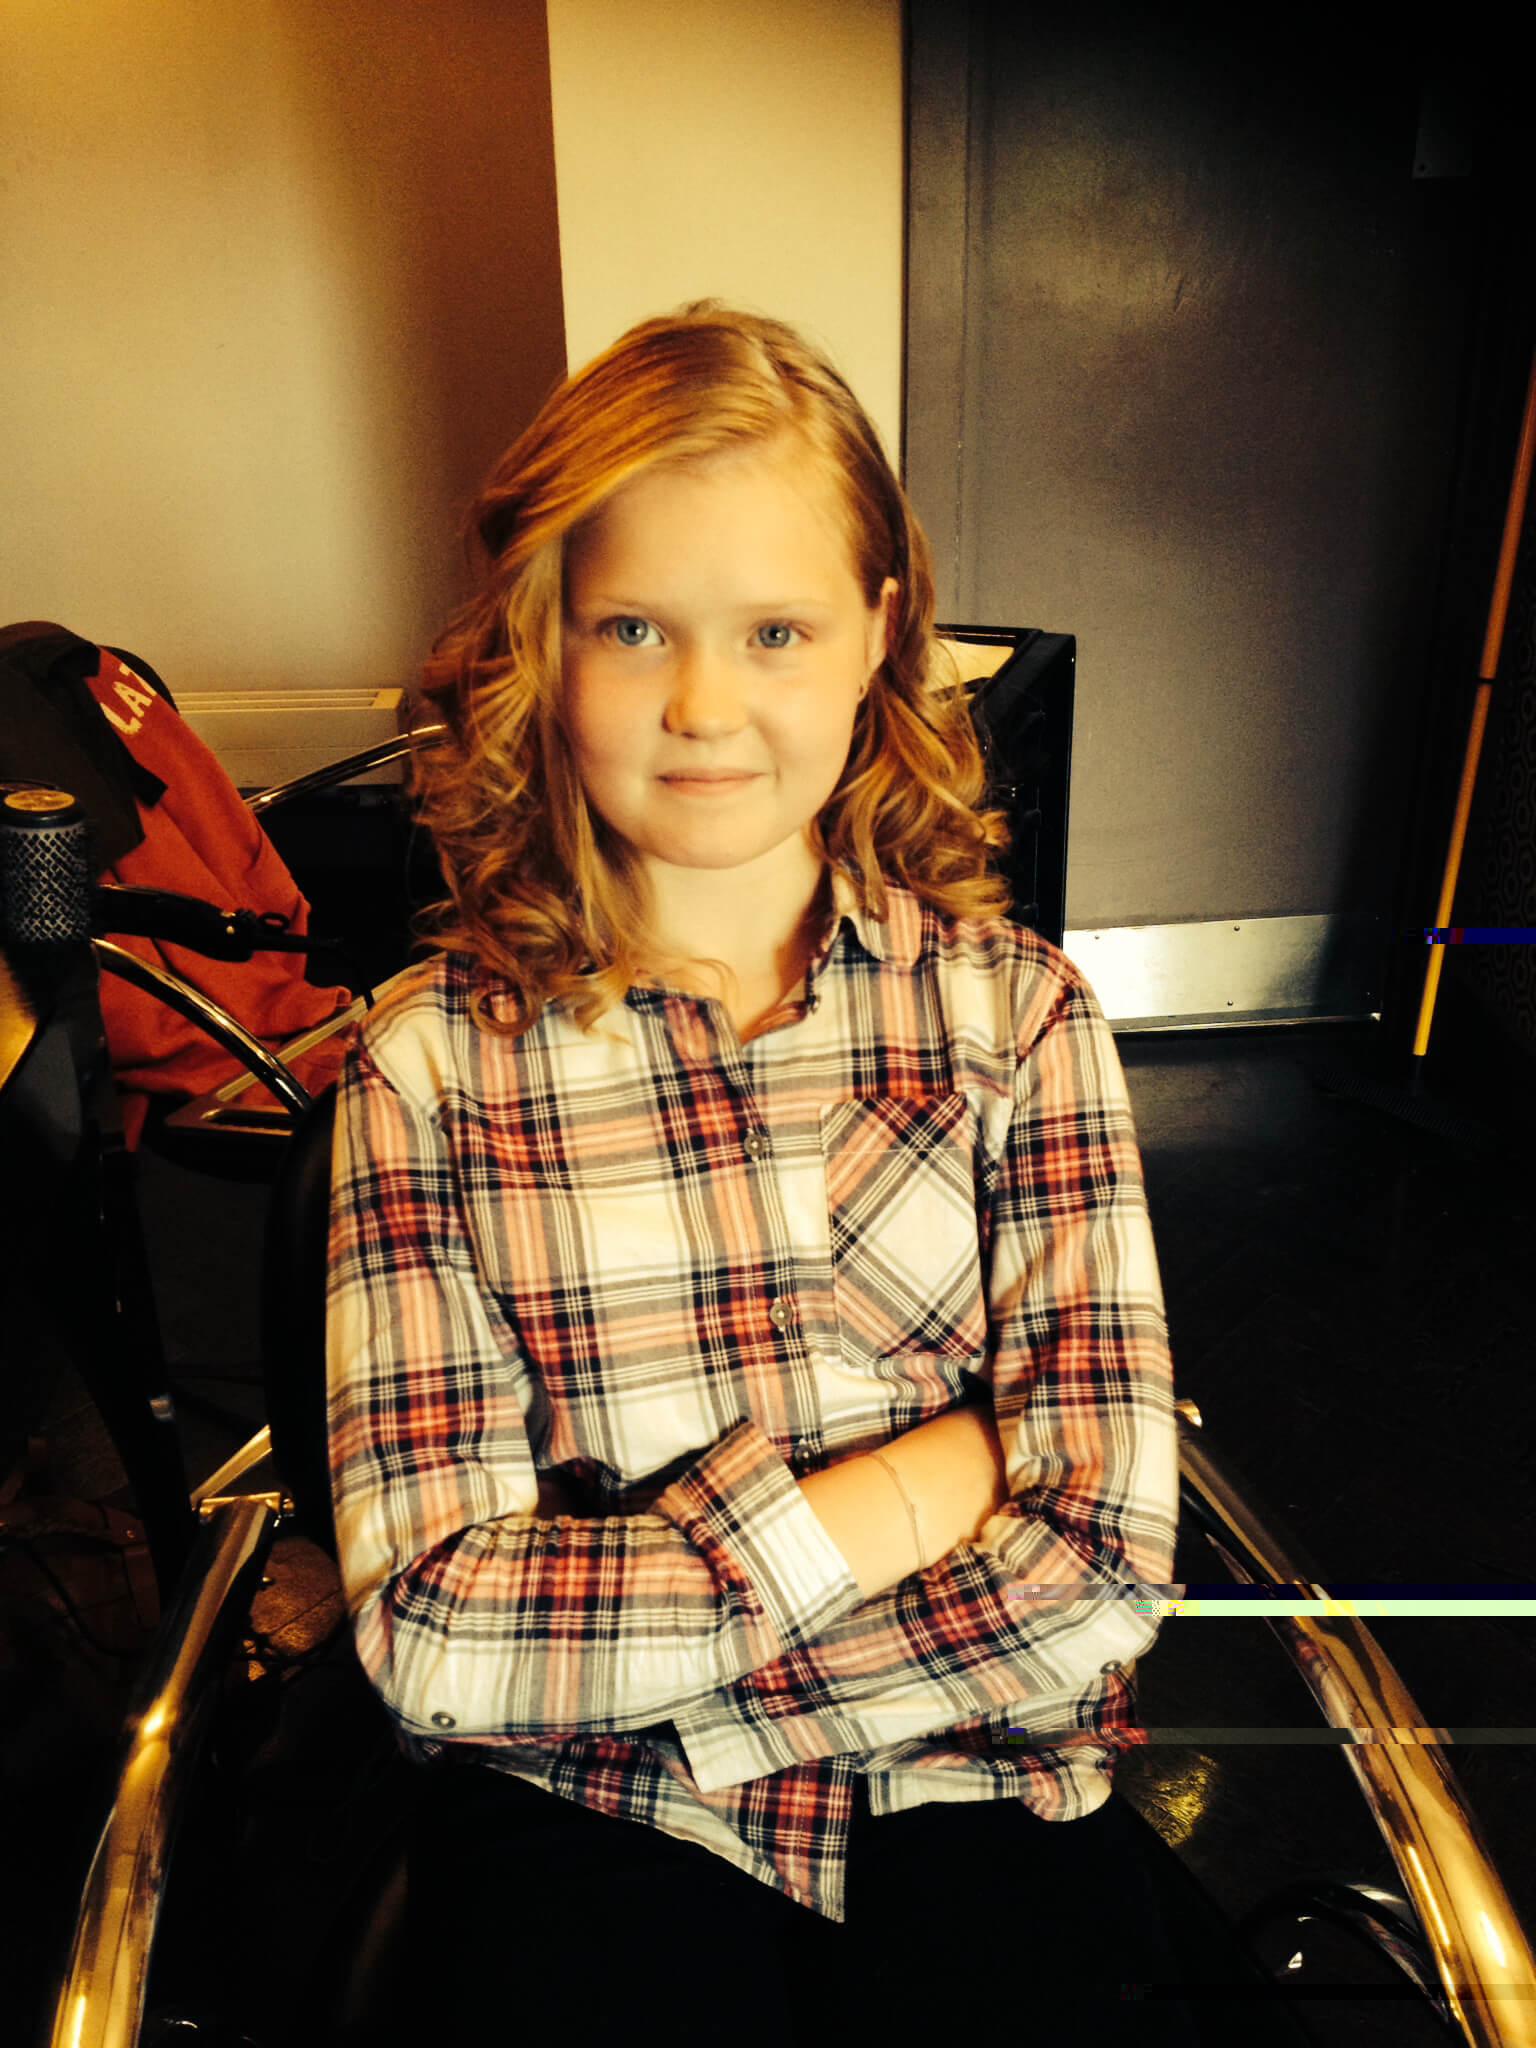 Image of Molly: a non-hodgkin lymphoma survivor